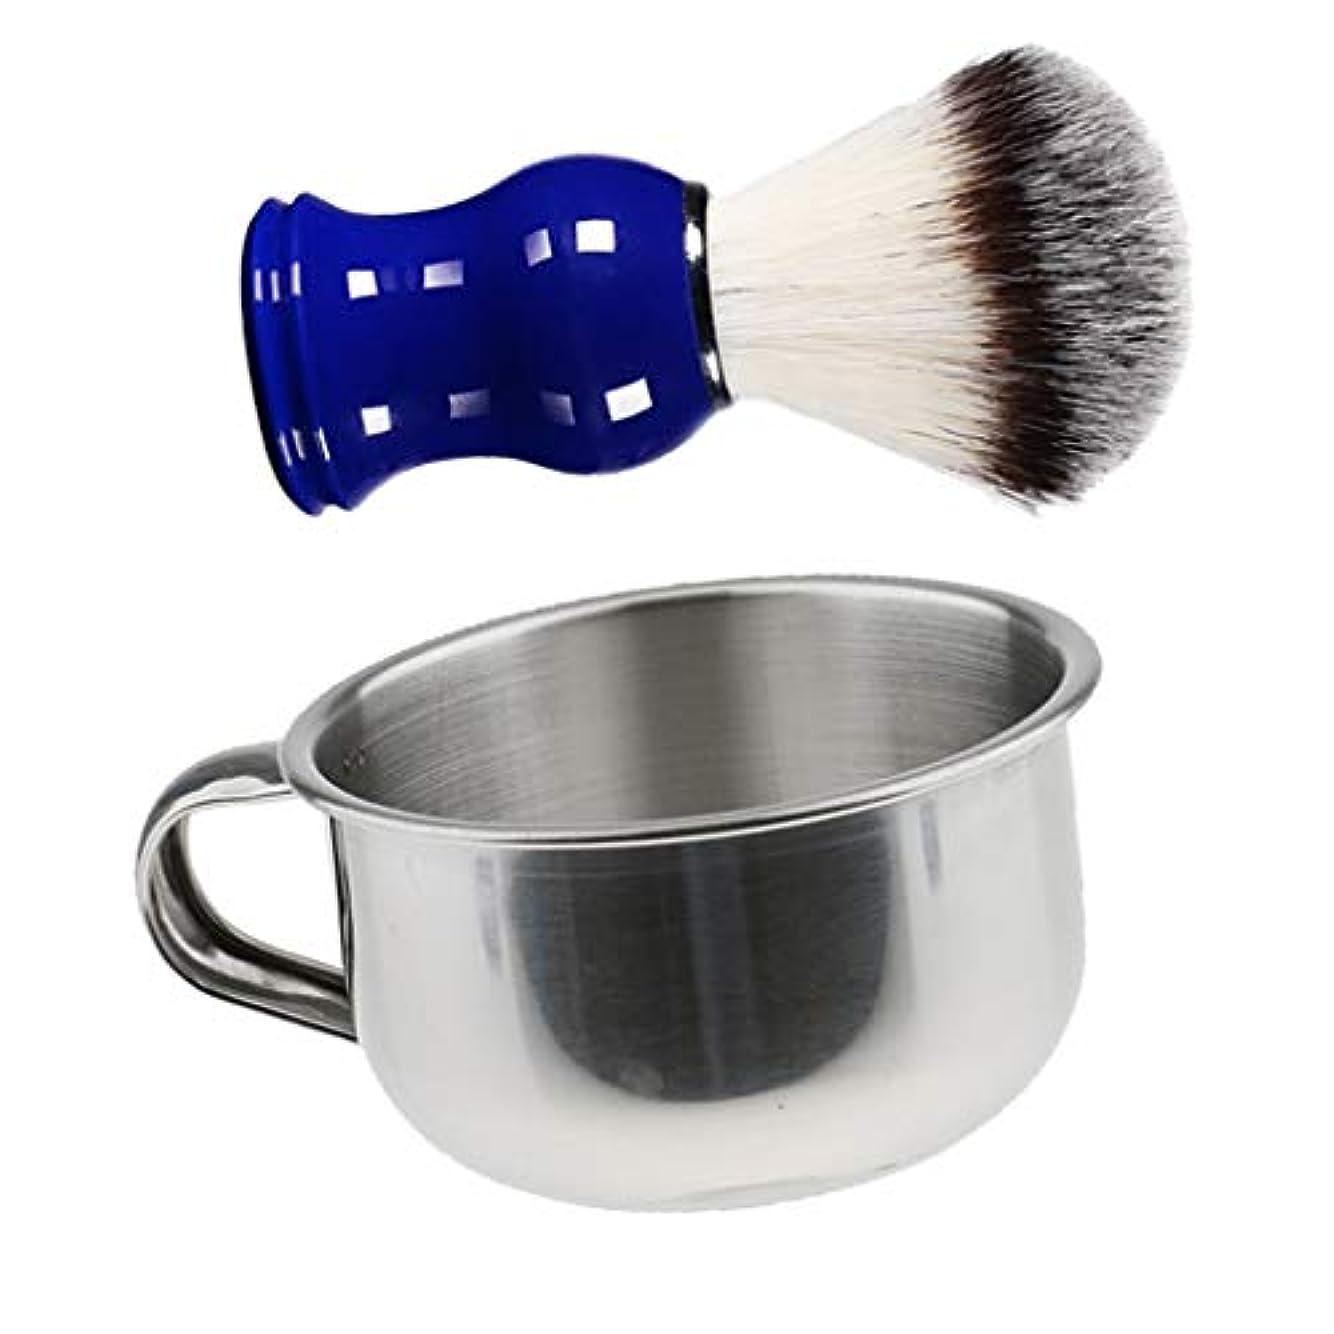 に頼る初心者すみませんBaoblaze シェービングブラシセット ステンレス製シェービングボウル メンズ 理容 洗顔 髭剃り 泡立ち 実用的